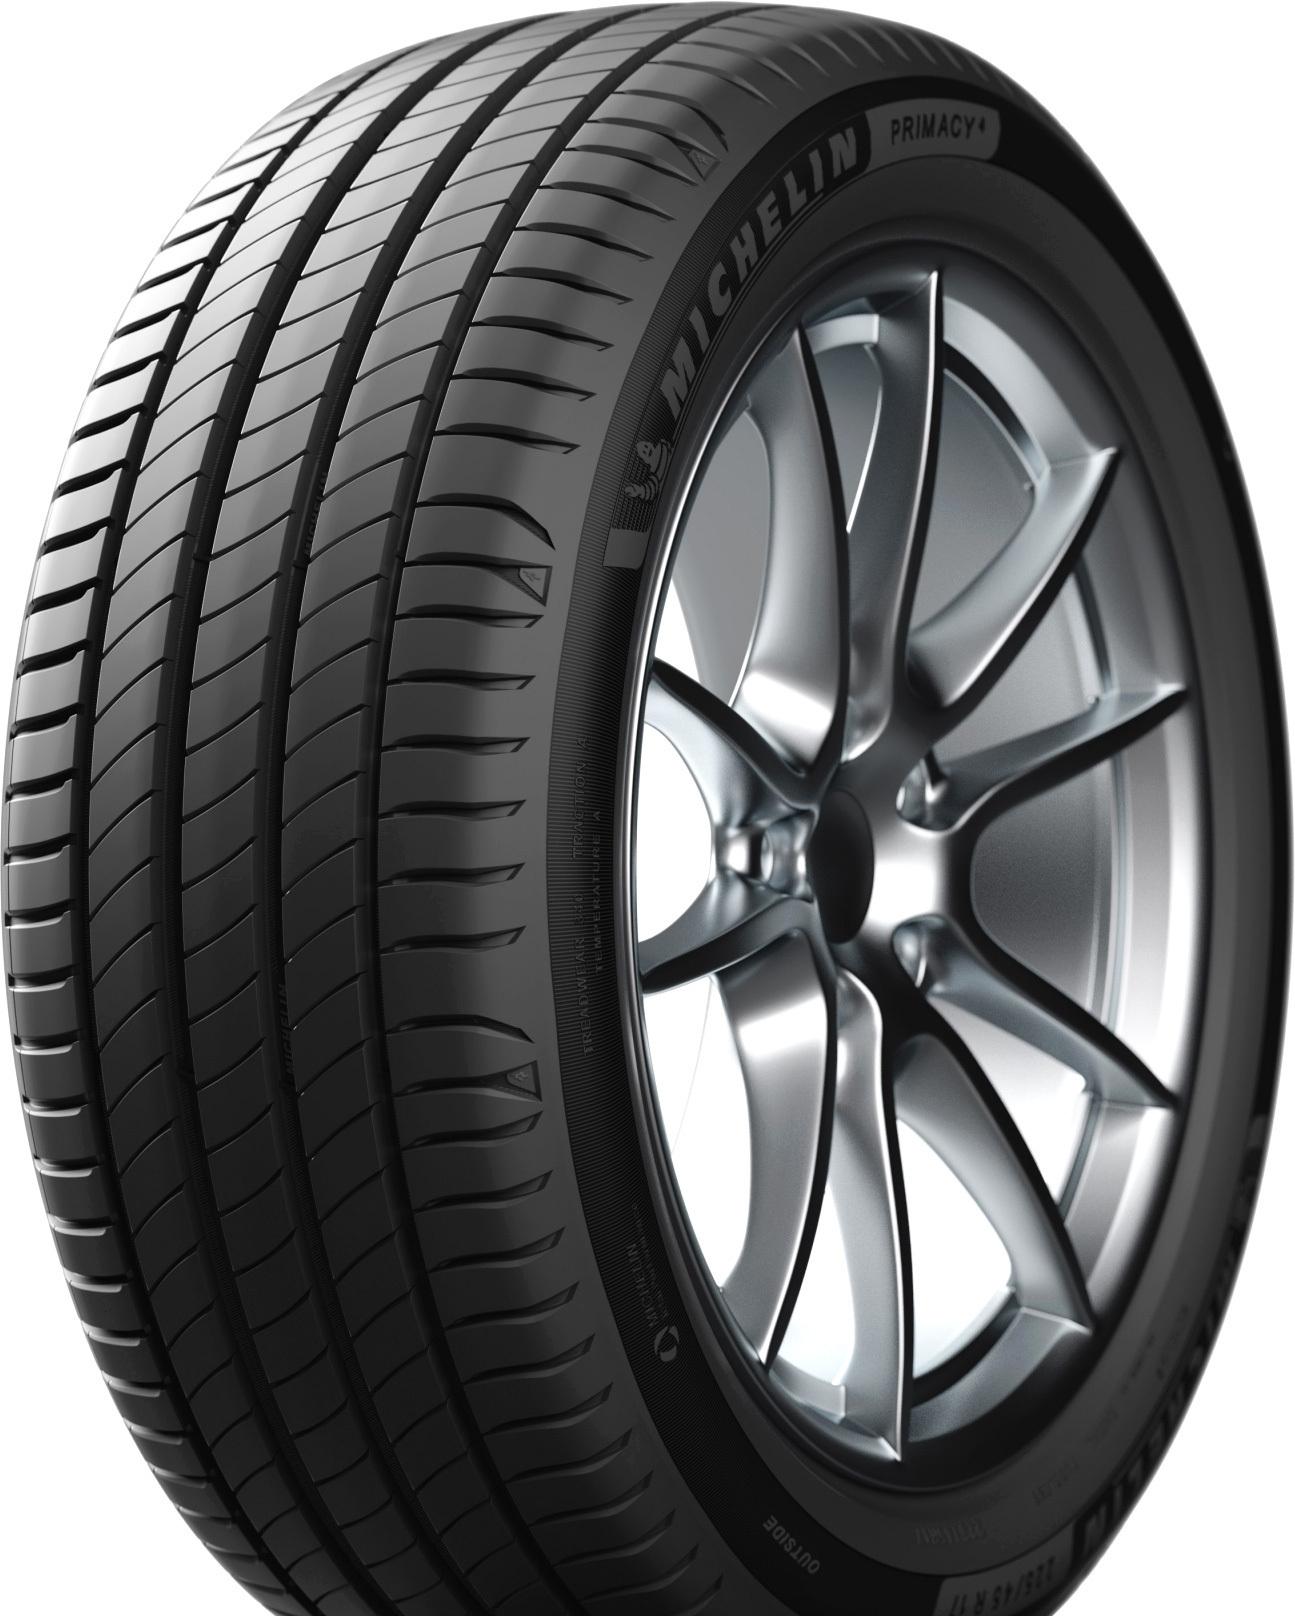 Автомобильные шины Michelin Primacy 4 225/55R17 101Y XL